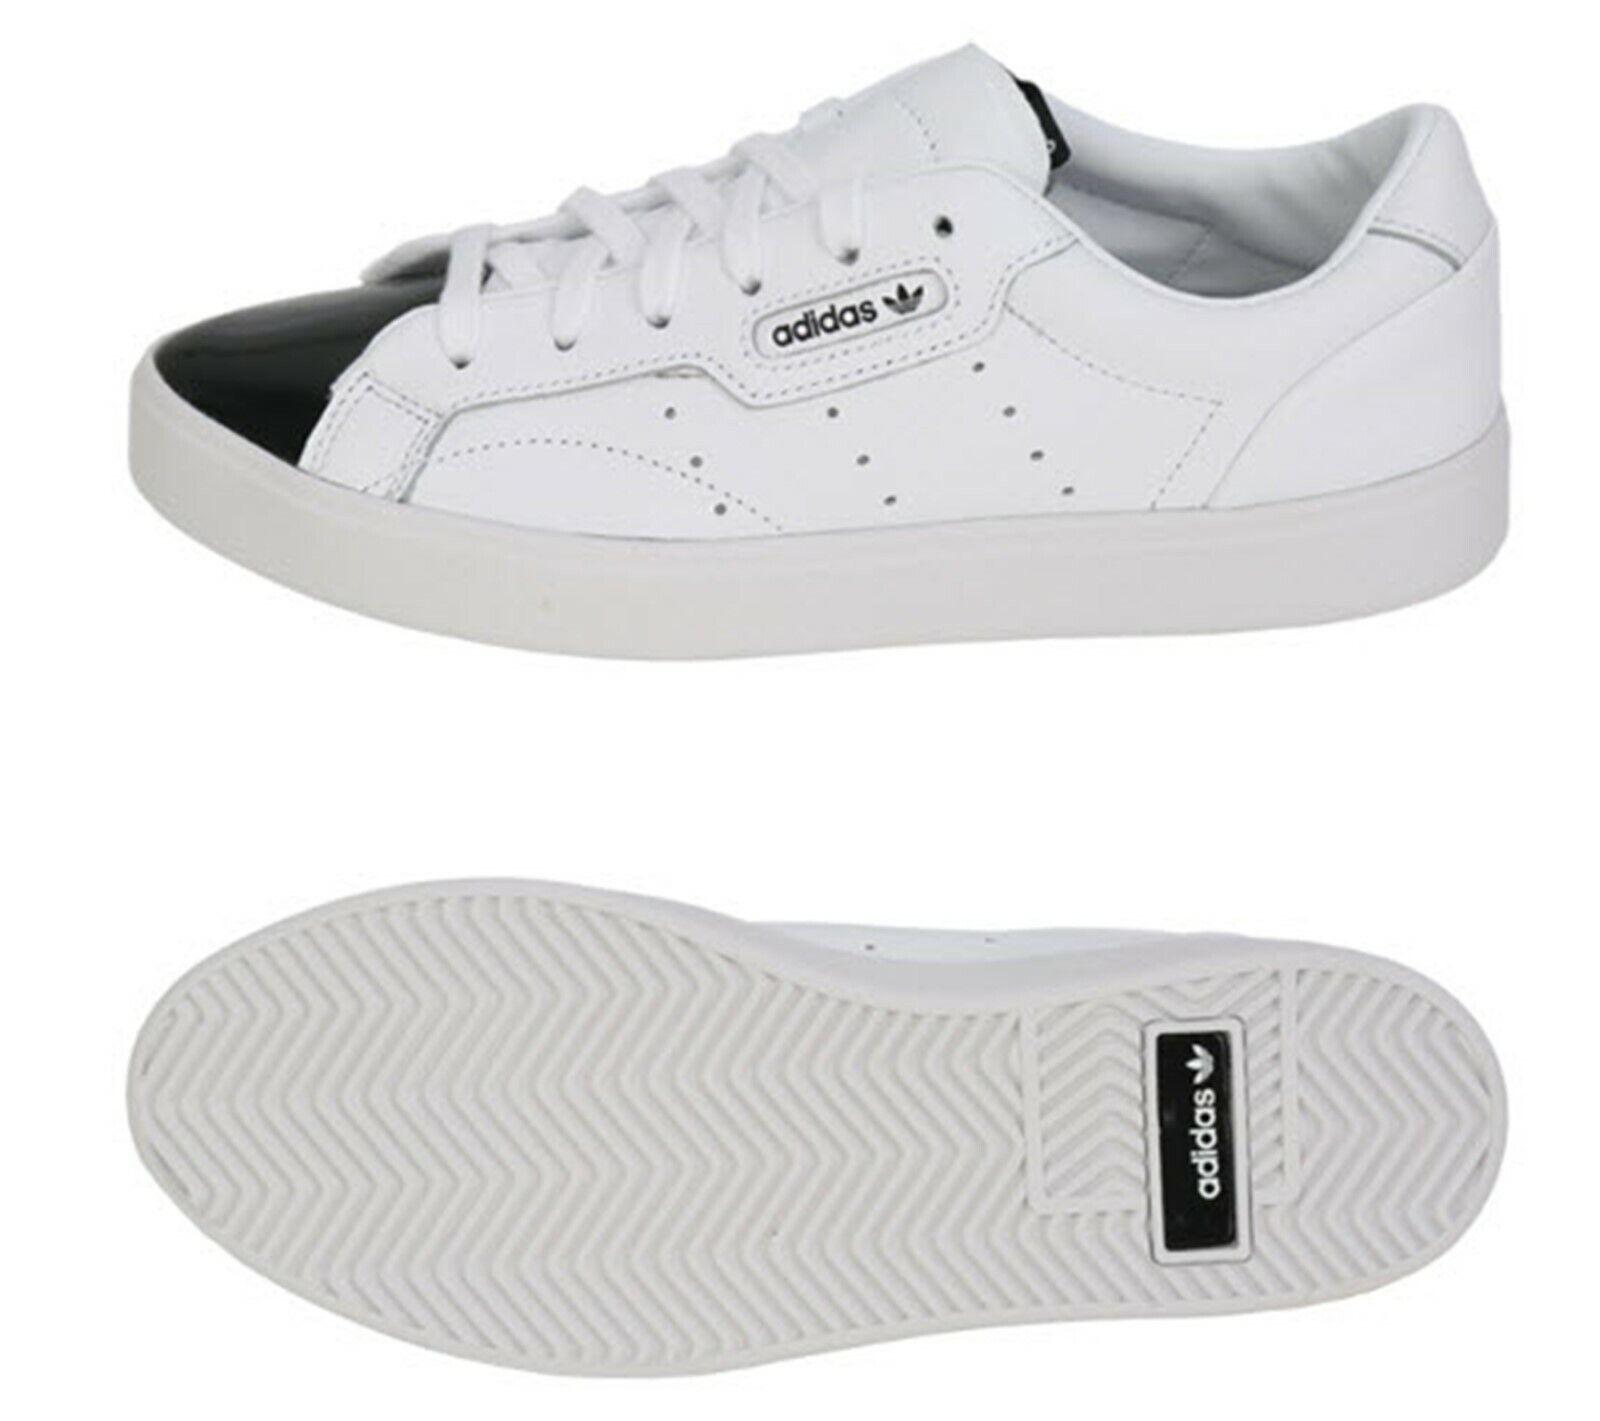 Zapatos De Entrenamiento Adidas Mujer Originals elegante zapato de  correr blancoo Zapatillas EE4709  marcas de moda